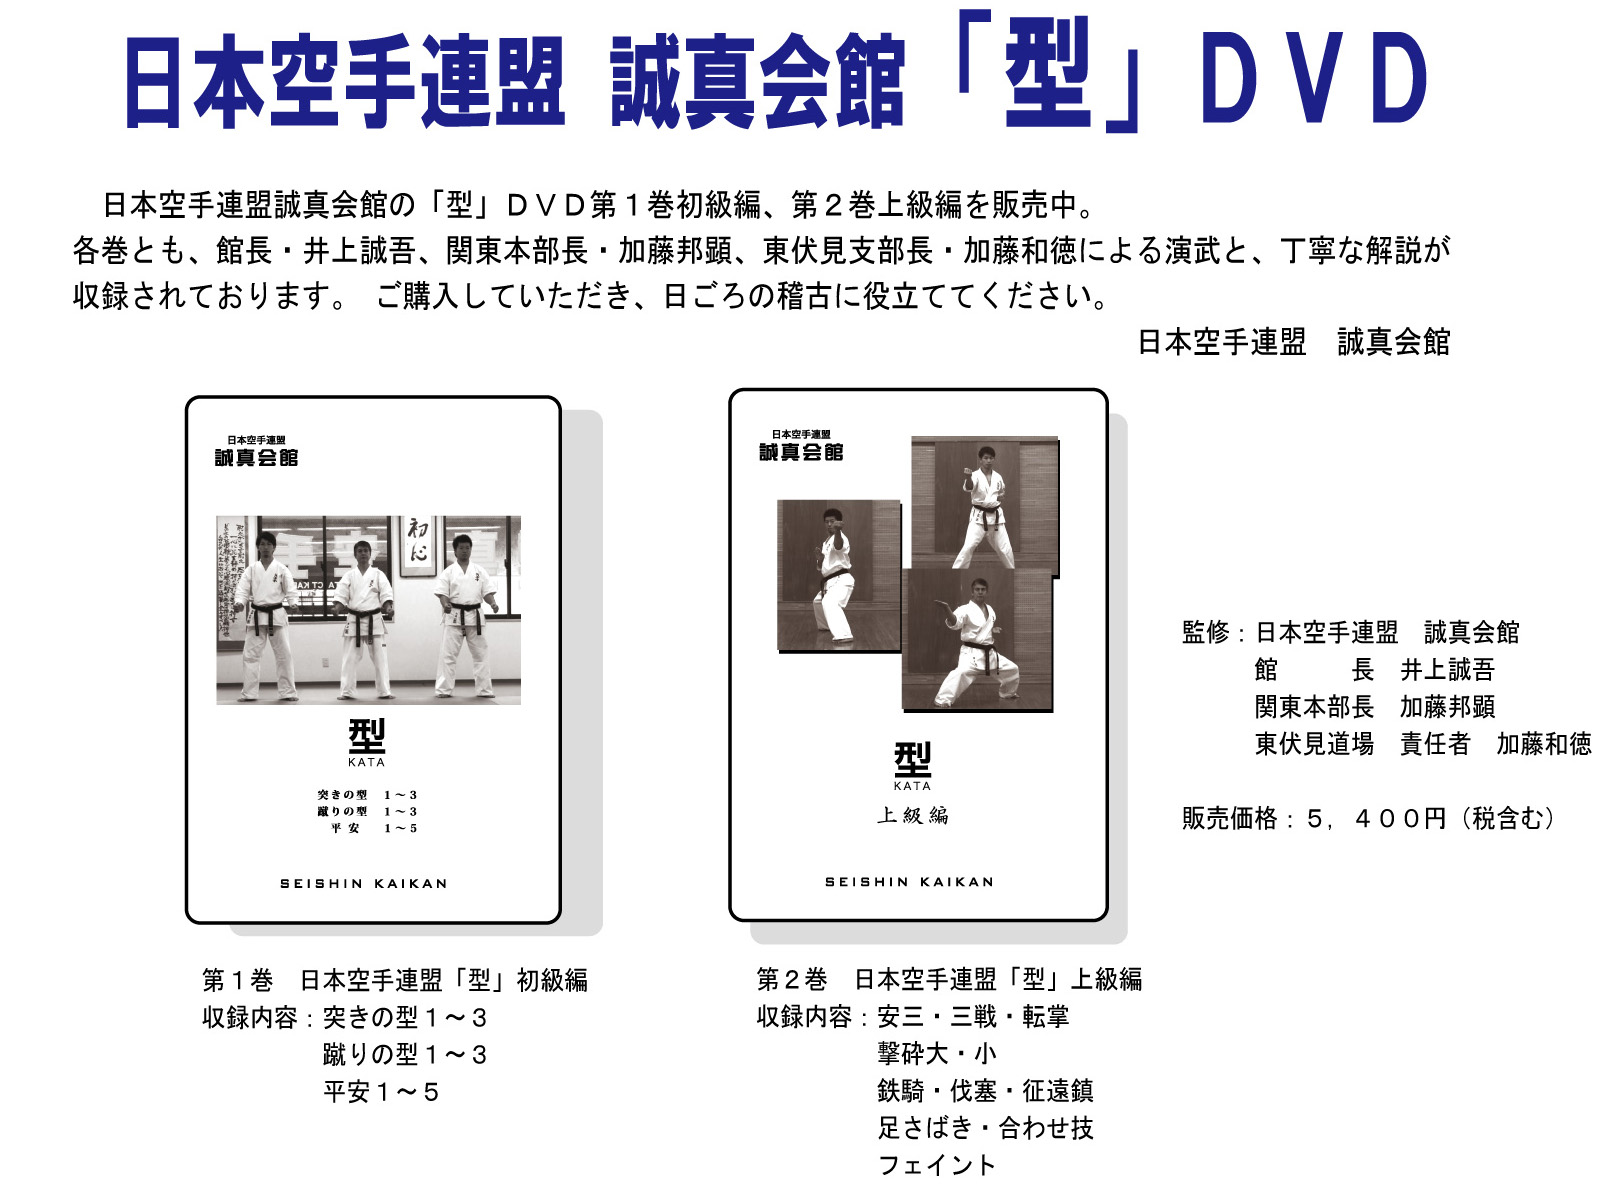 kata_dvd